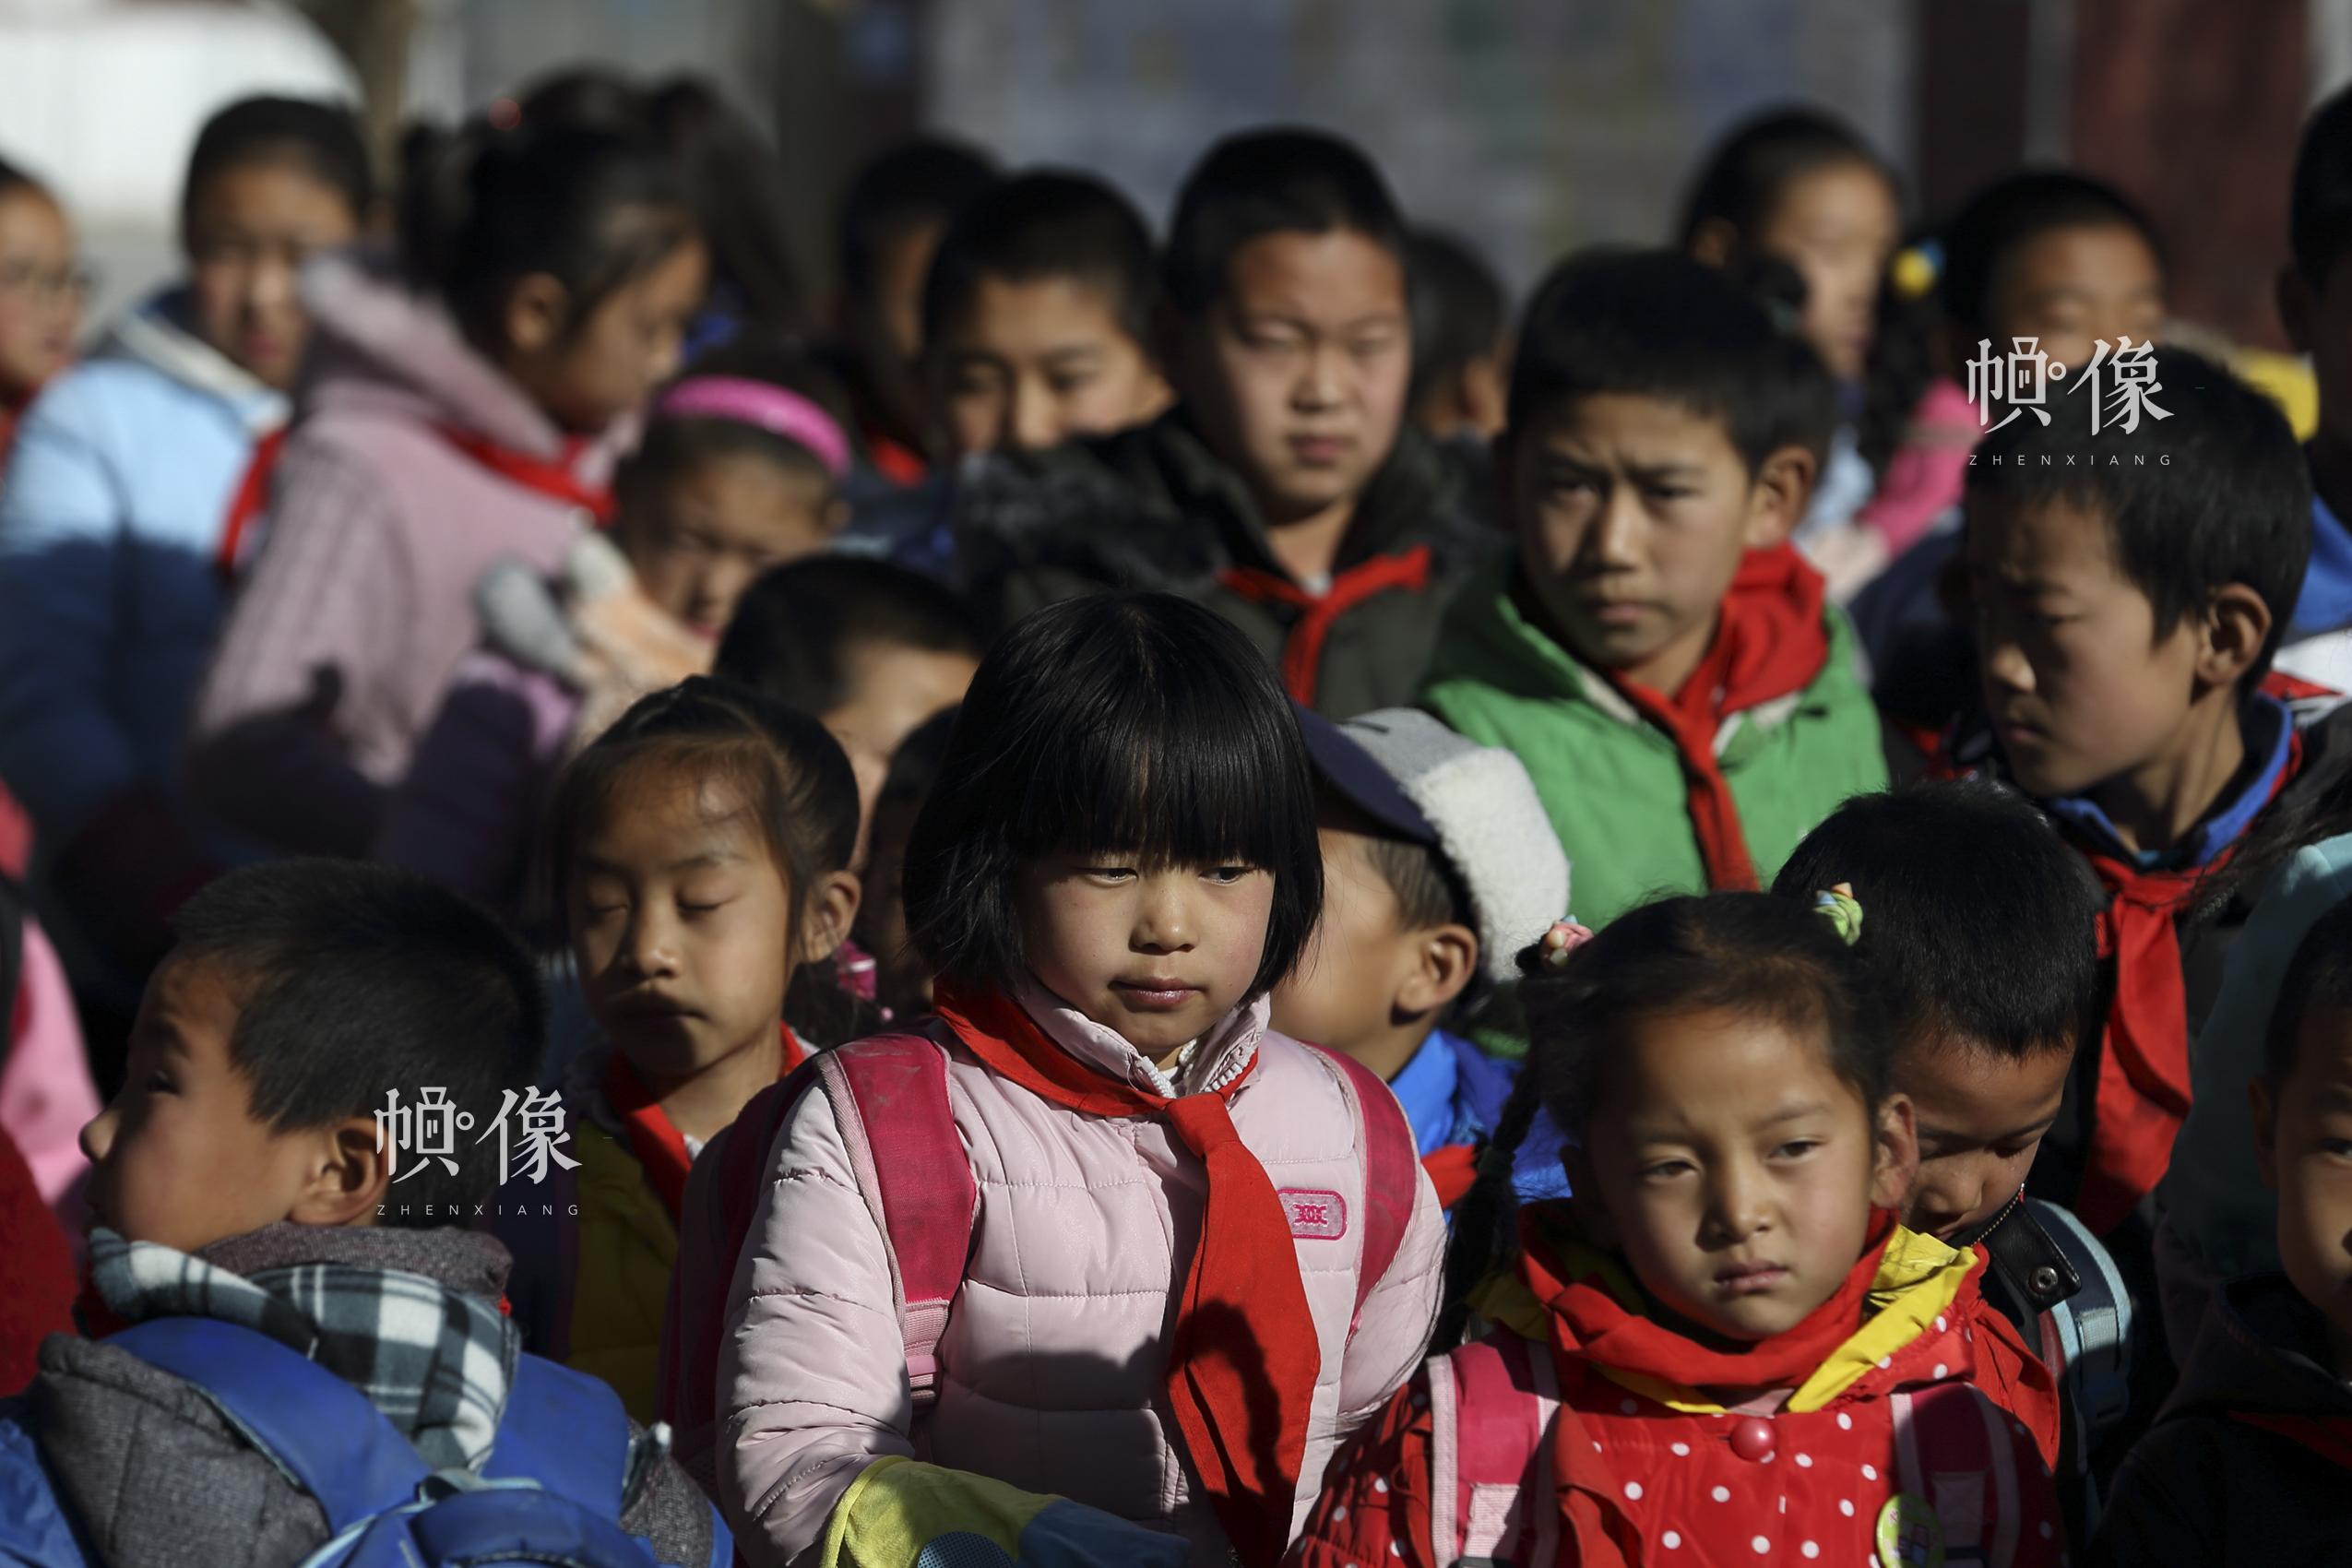 中午放学时,兄妹两人在校门口排队。中国网记者 陈维松 摄